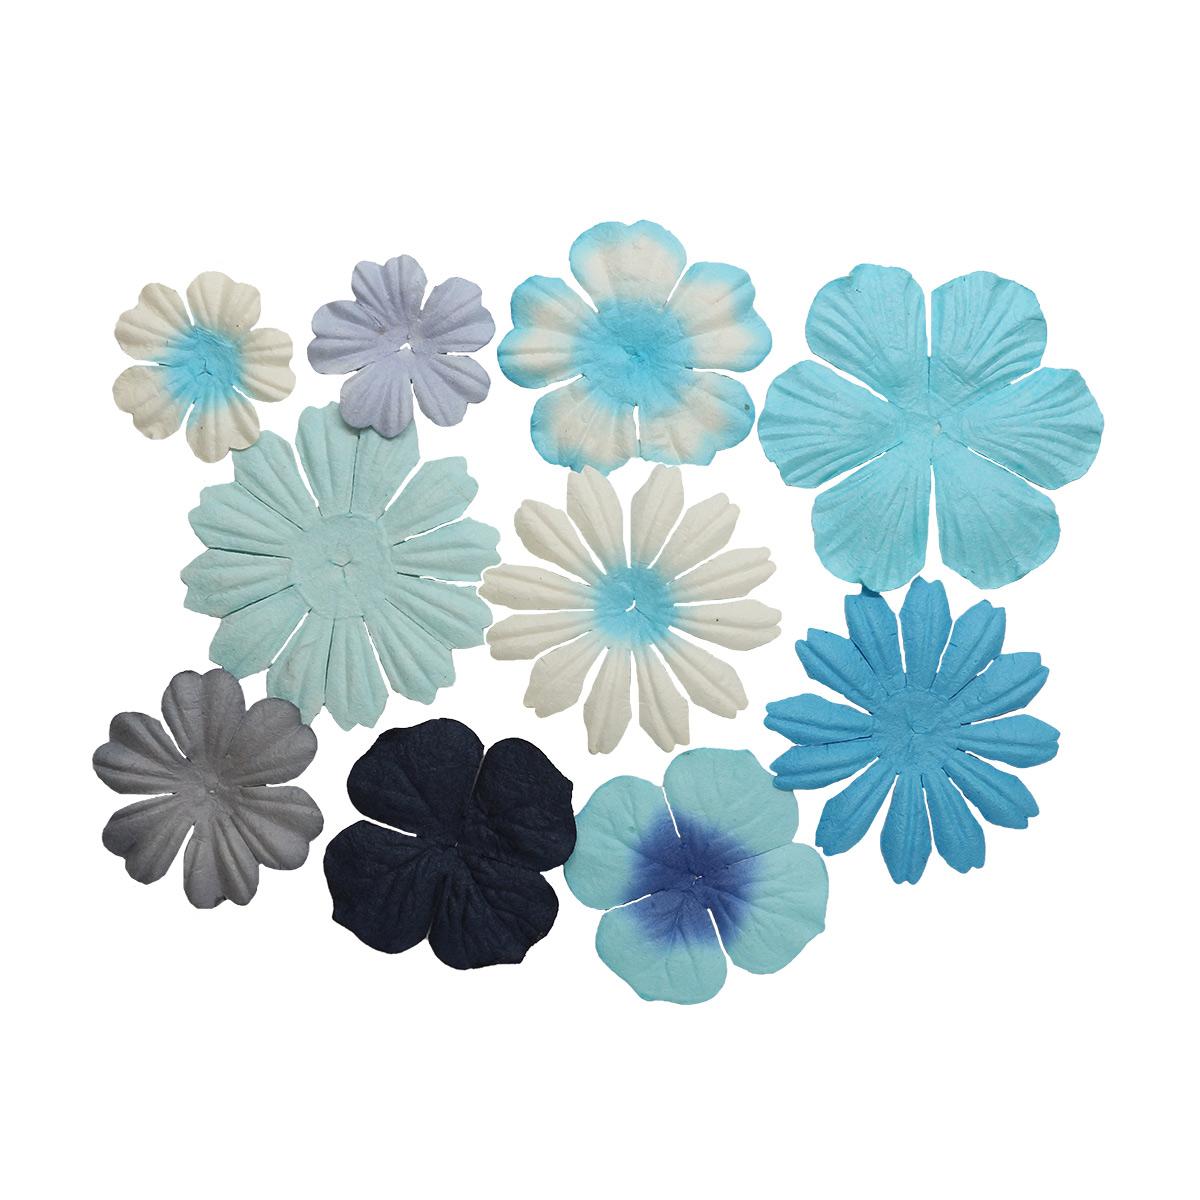 SCB3003 Набор цветочков из шелковичной бумаги, упак./10 шт.